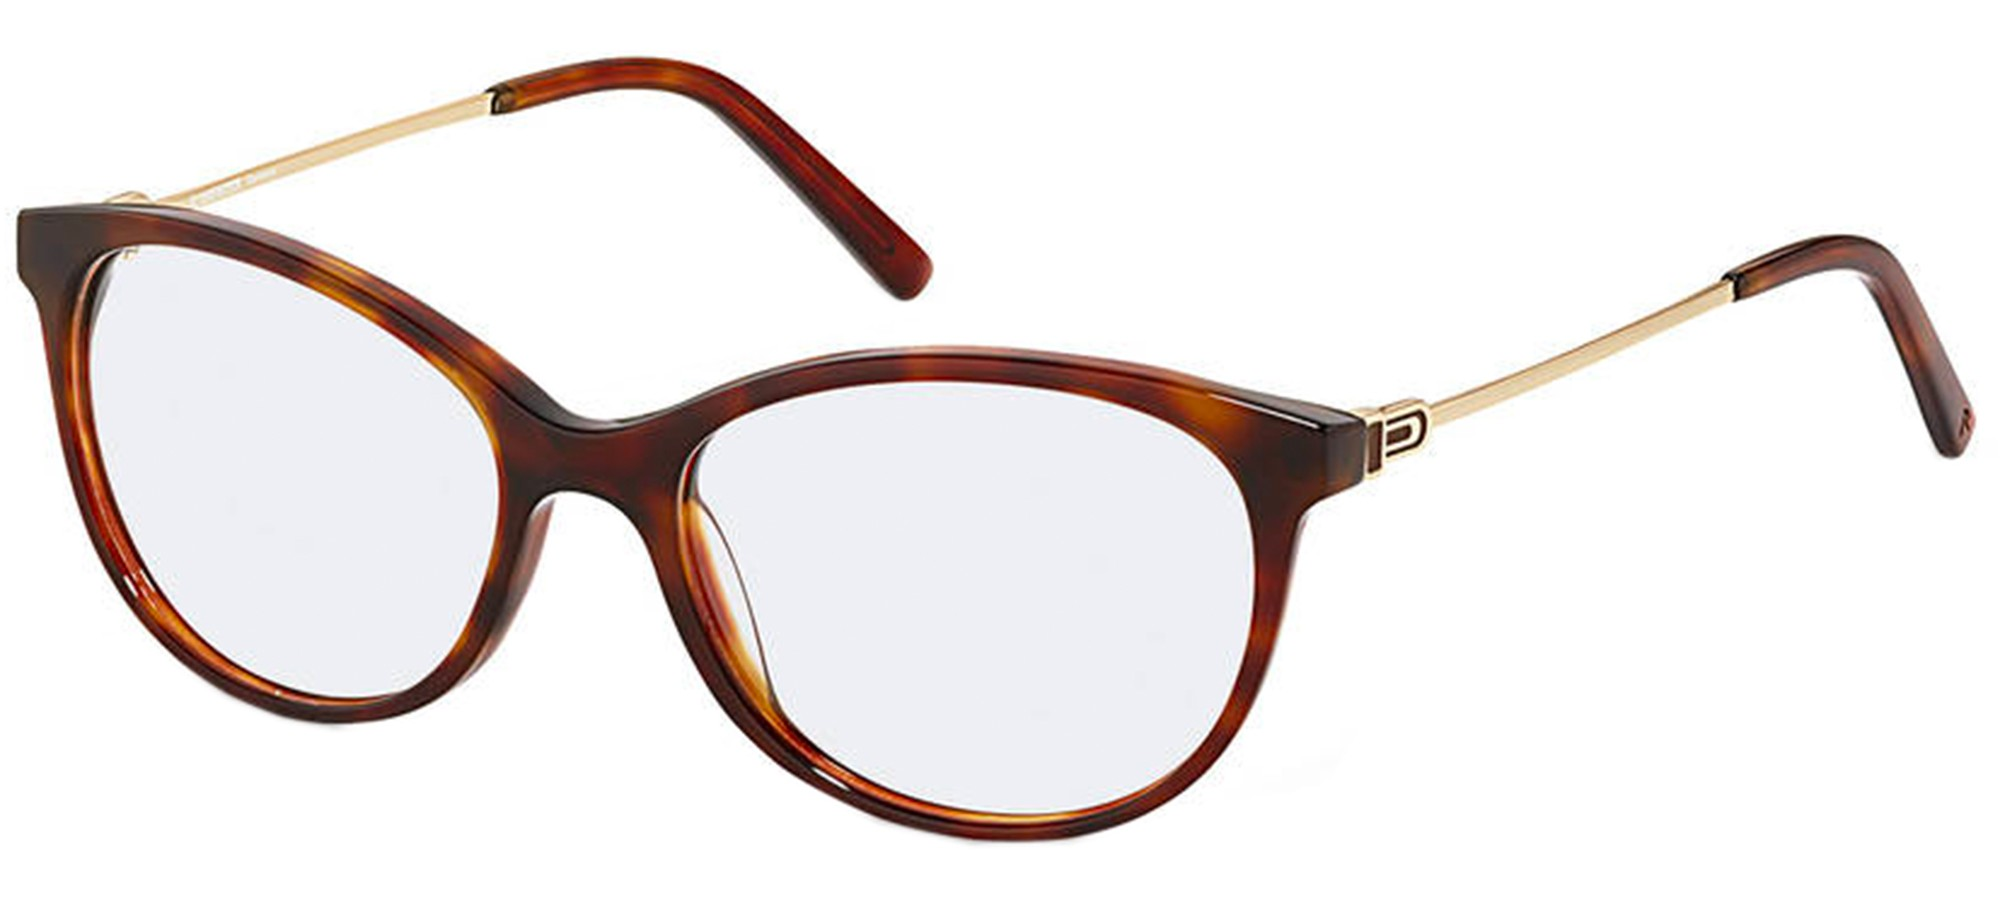 Rodenstock brillen R5323